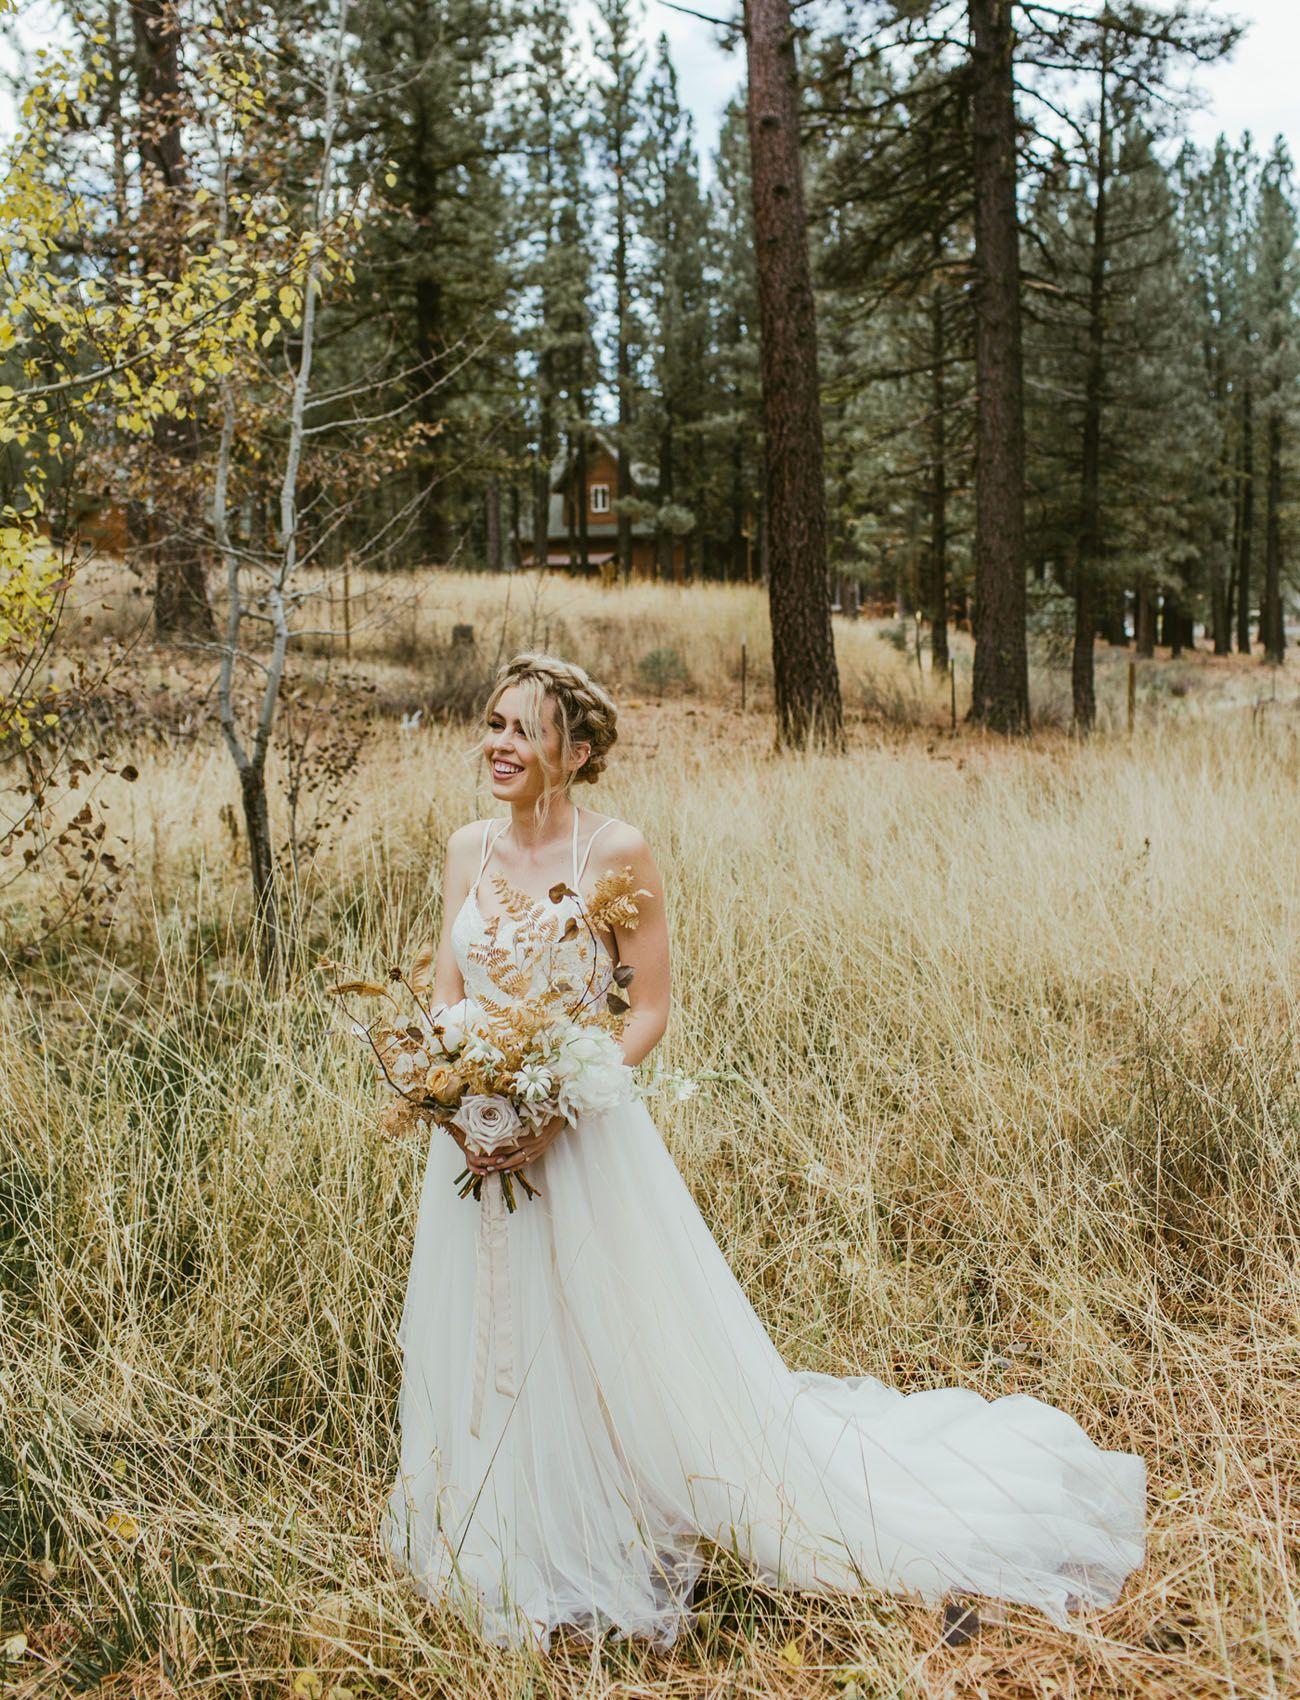 Modern + Edgy Forest Wedding in Northern California | Bhldn wedding ...